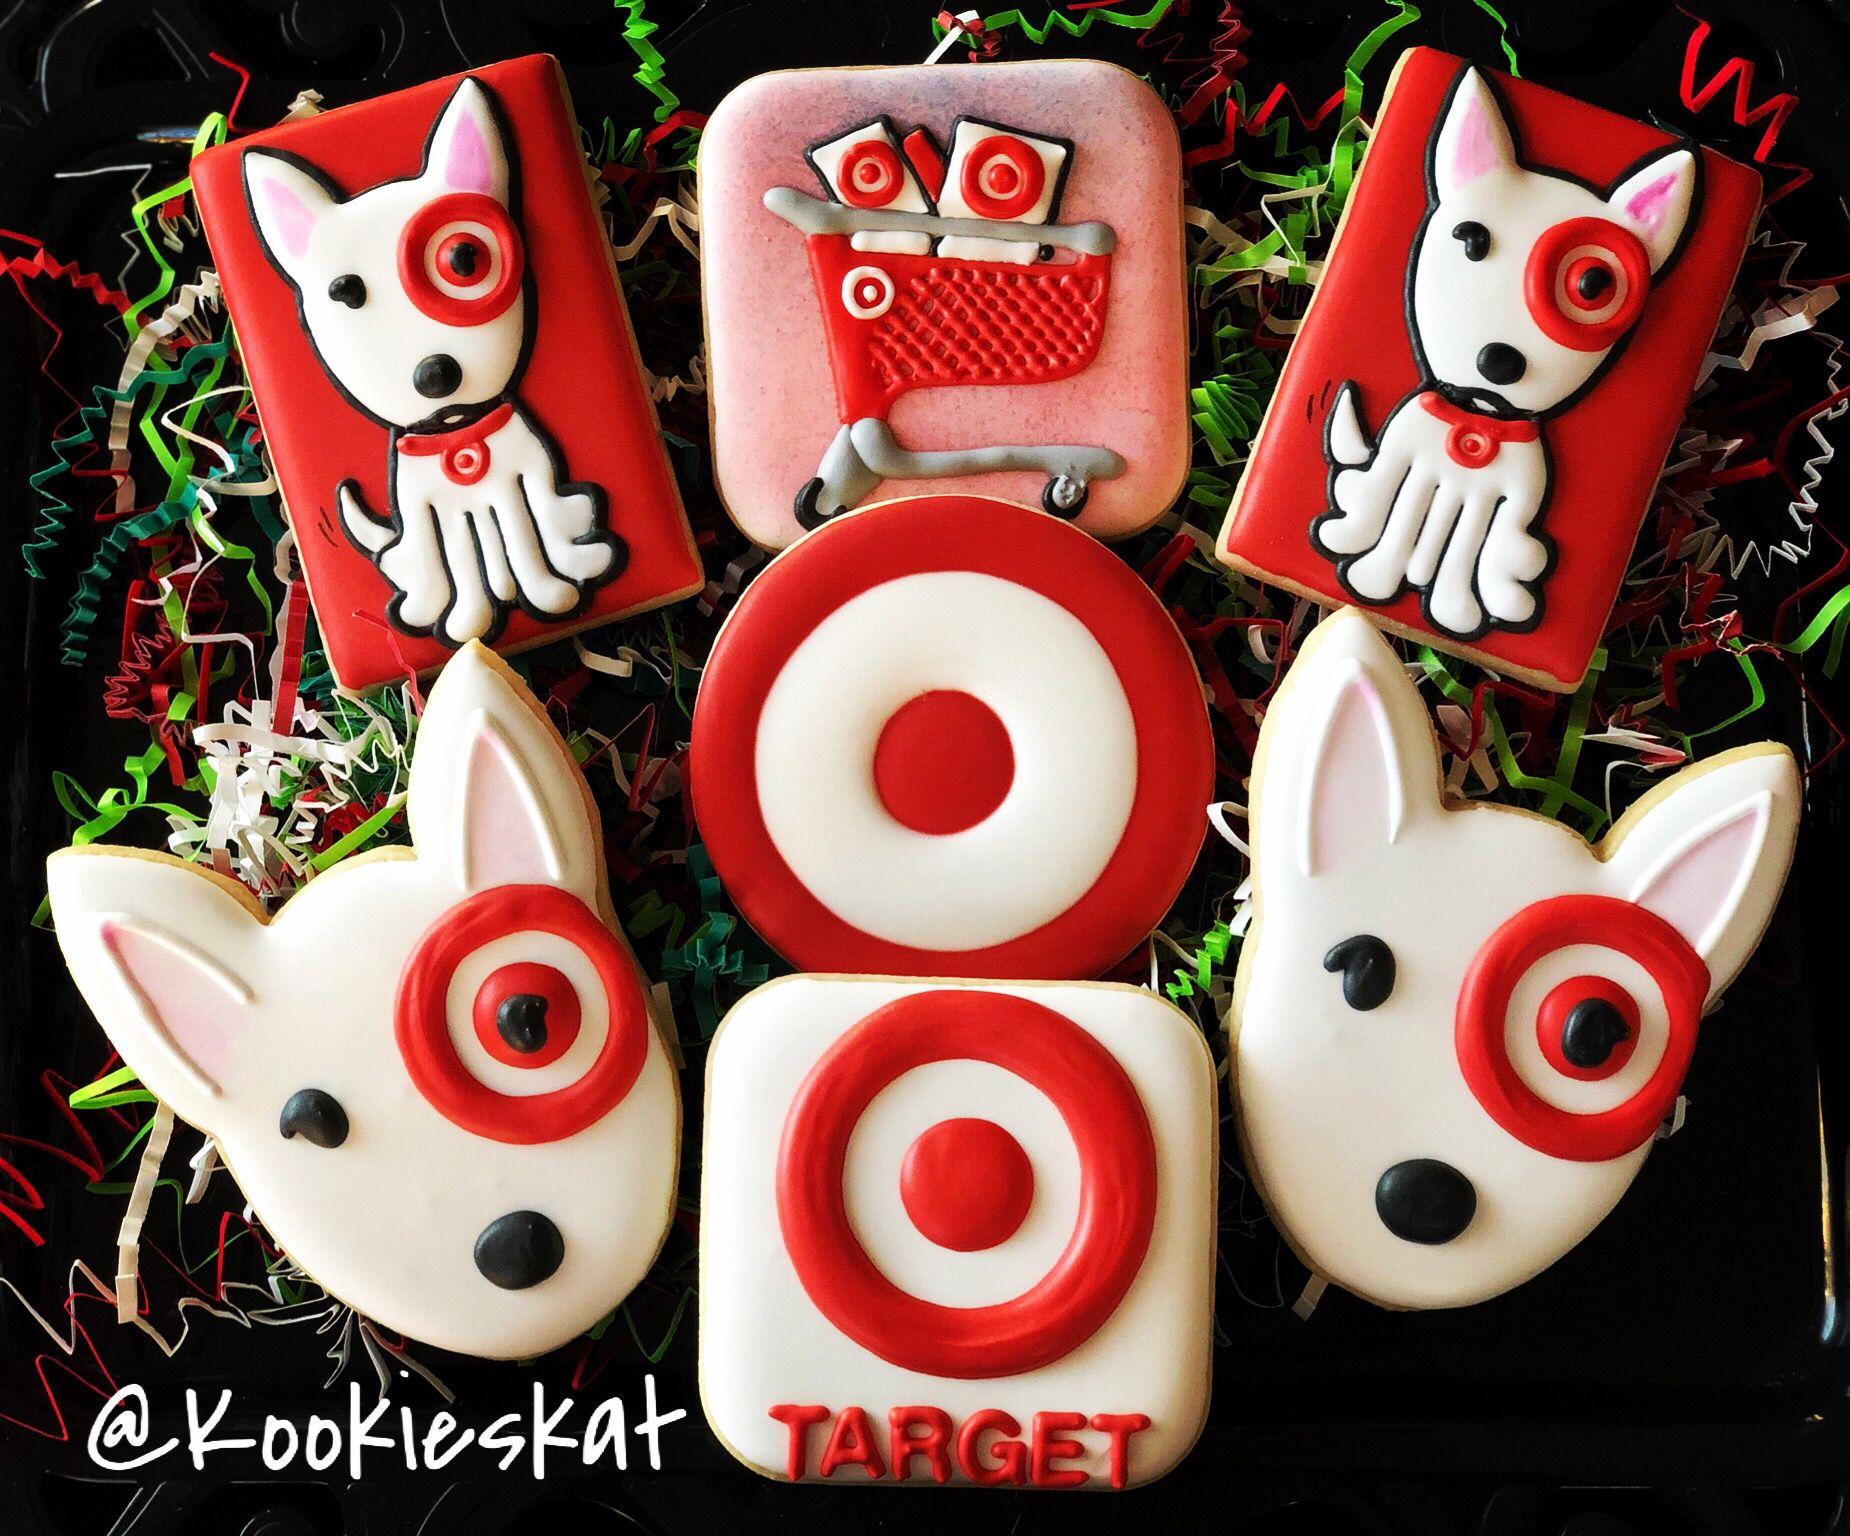 Miraculous Target Decorated Cookies Targetcookies Target Targetshopping Personalised Birthday Cards Paralily Jamesorg